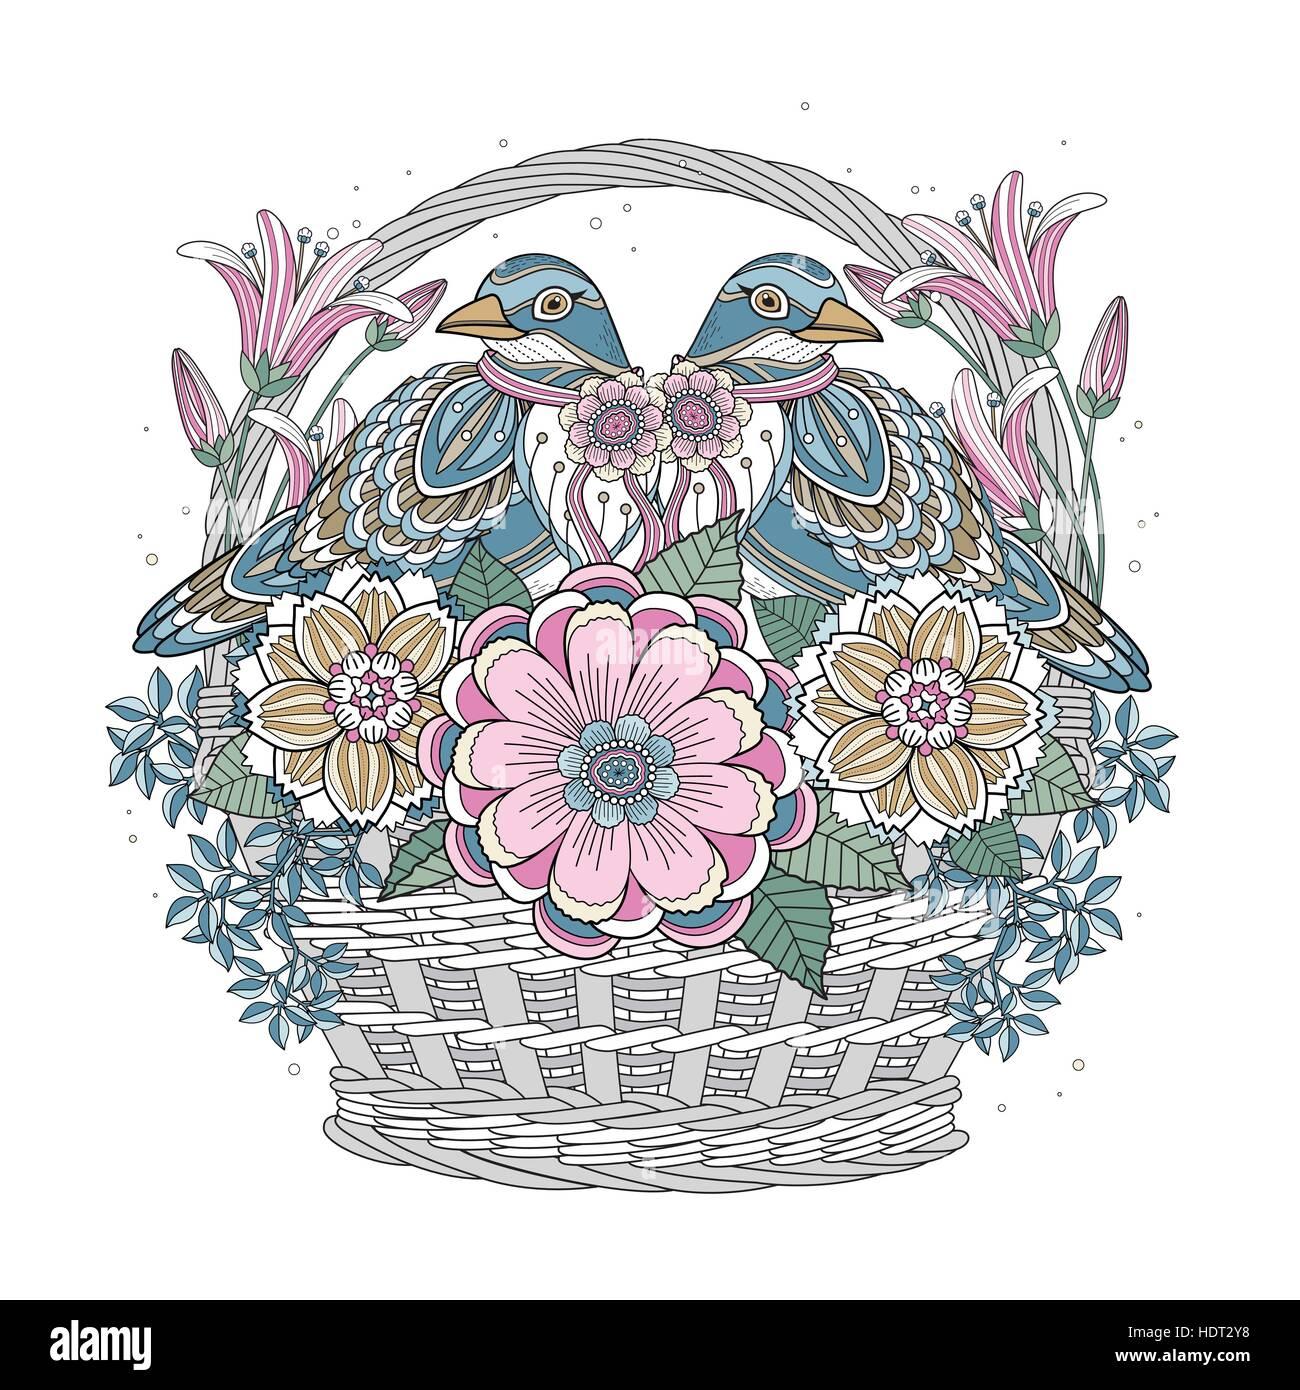 Malvorlagen mit floralen Elementen in exquisiten Linie Vogel Segen ...